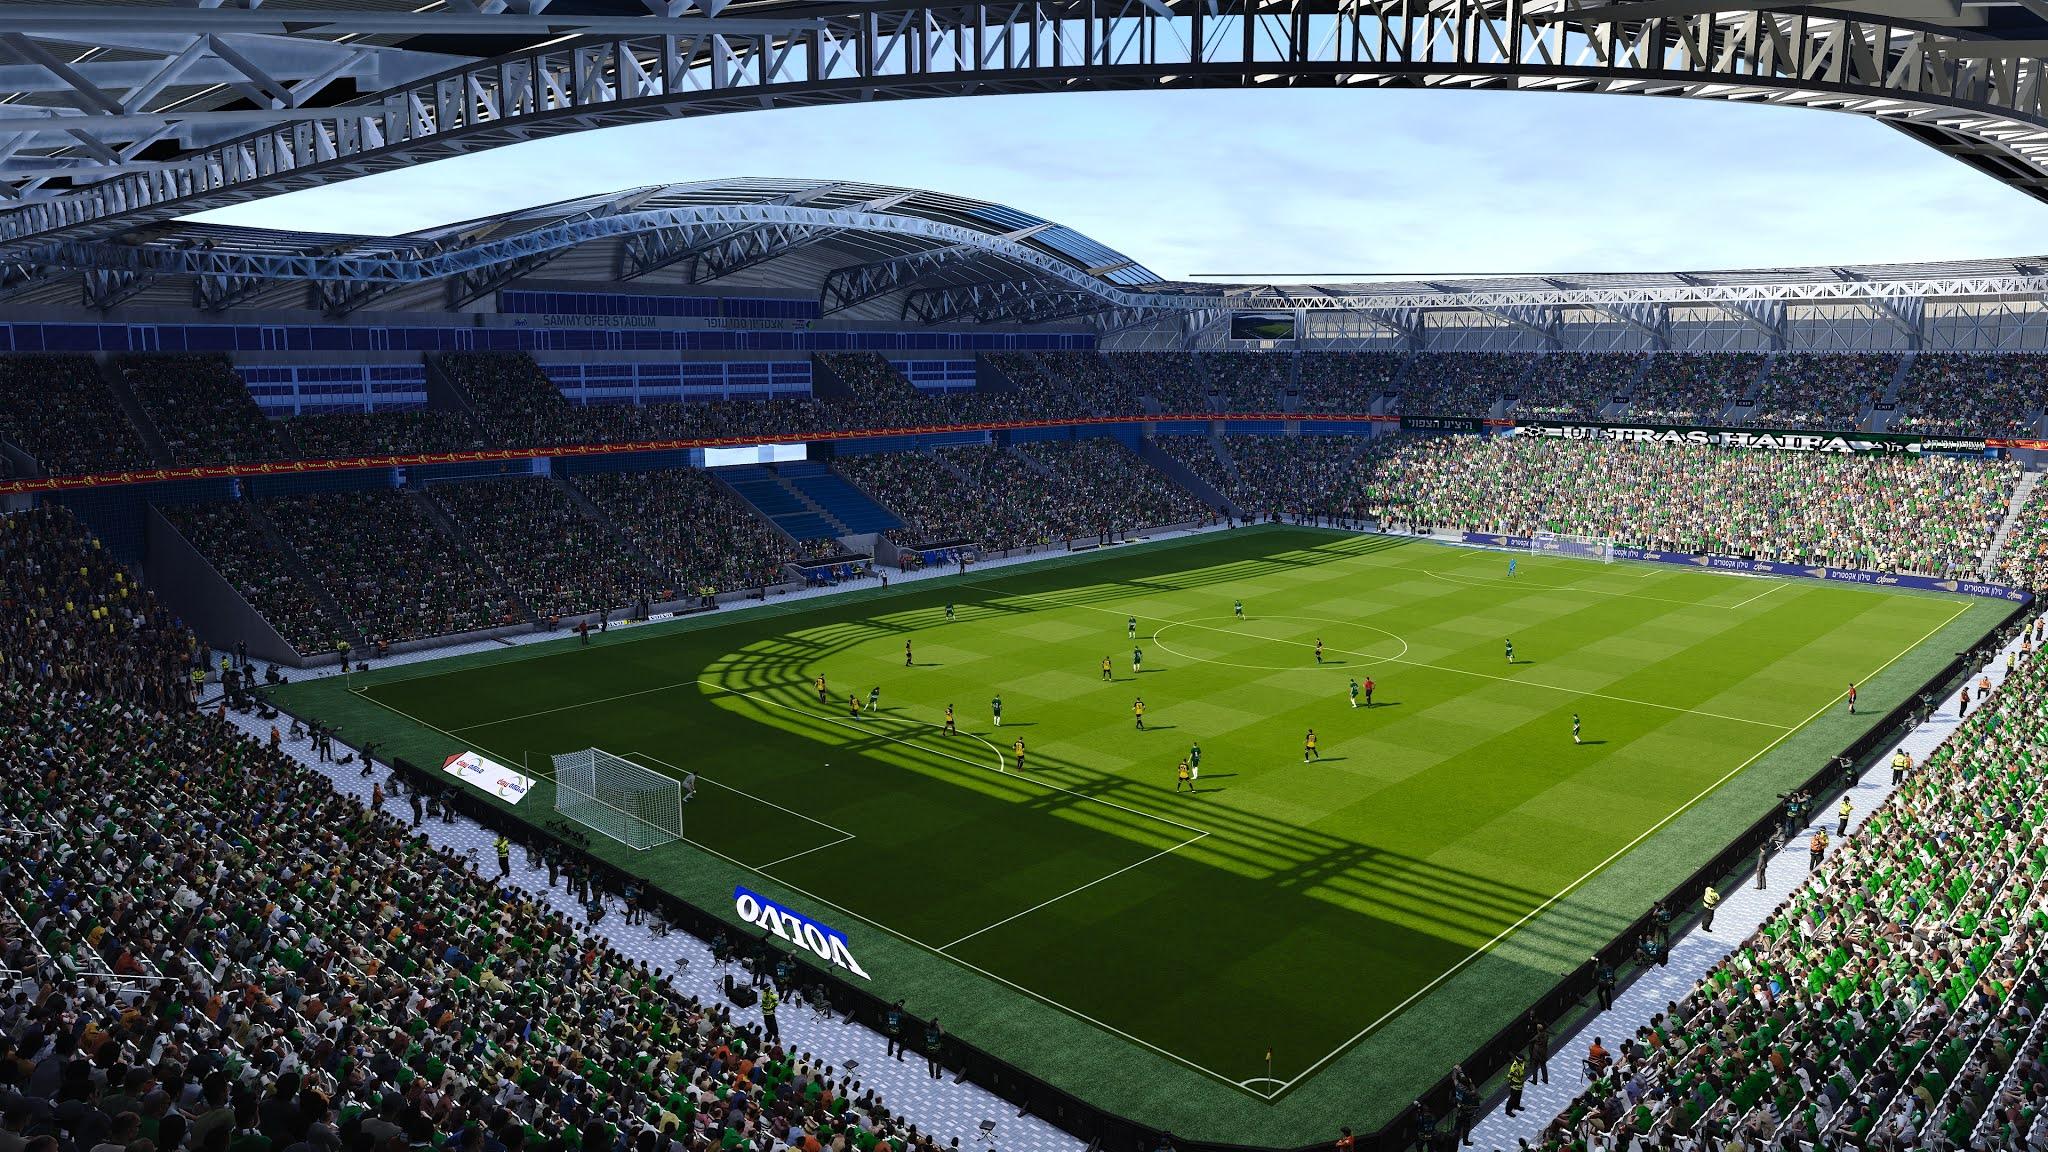 PES 2021 Sammy Ofer Stadium